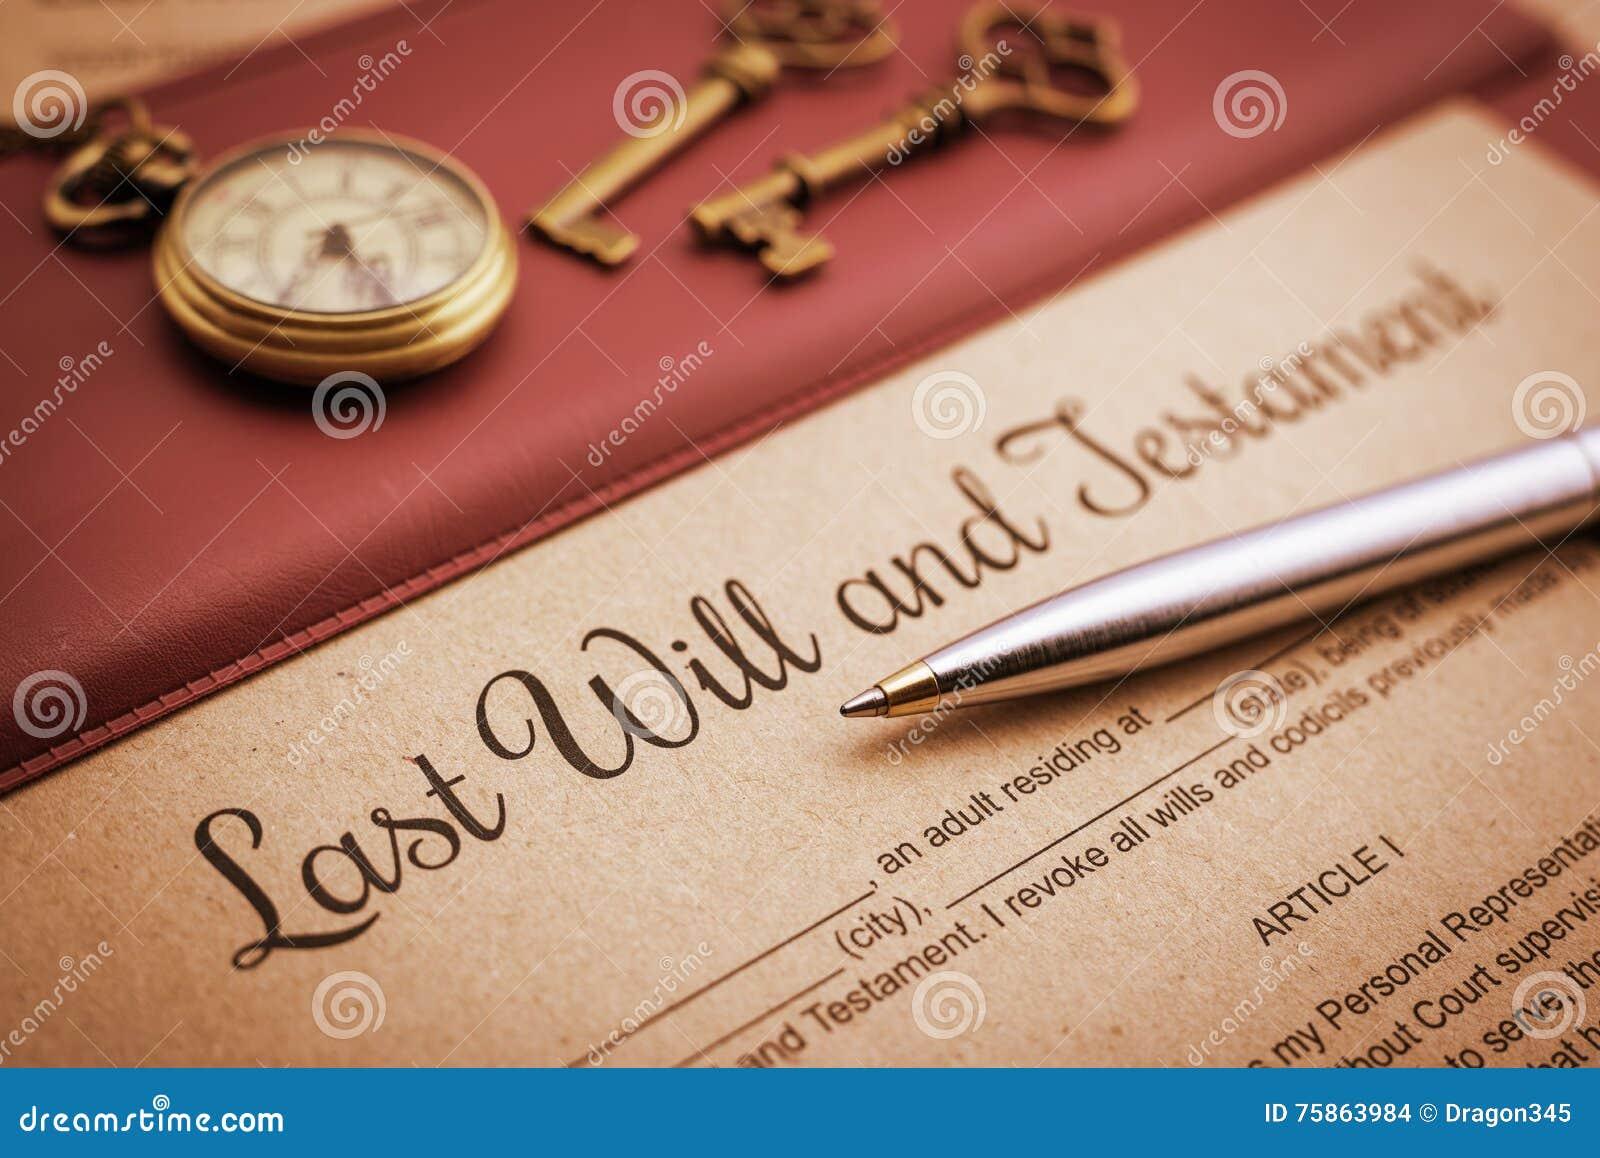 蓝色圆珠笔、古色古香的怀表、两把黄铜钥匙和为时将和在乙烯基书桌垫的遗嘱